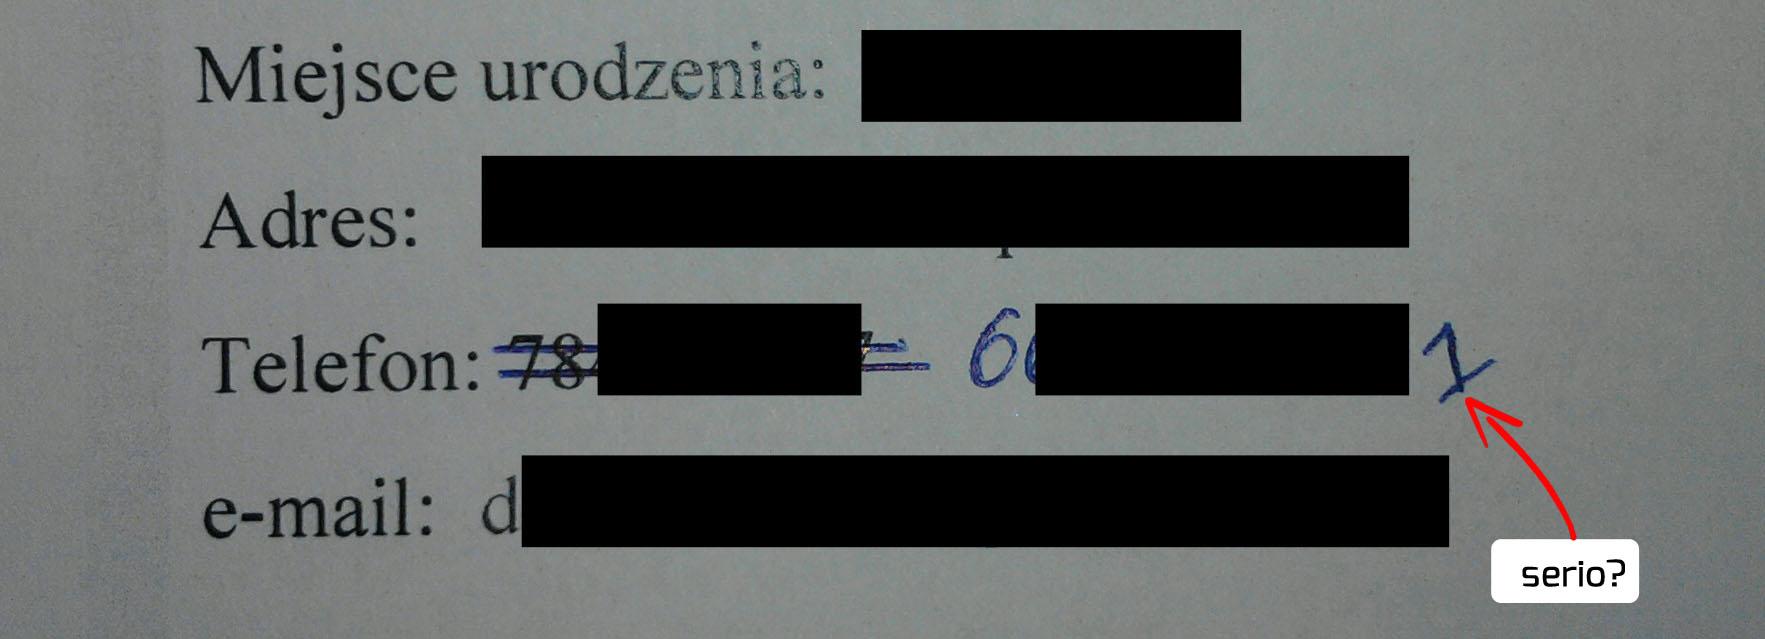 jak napisać skuteczne CV - zamazane dane www.jamowie.to Jamówię.to